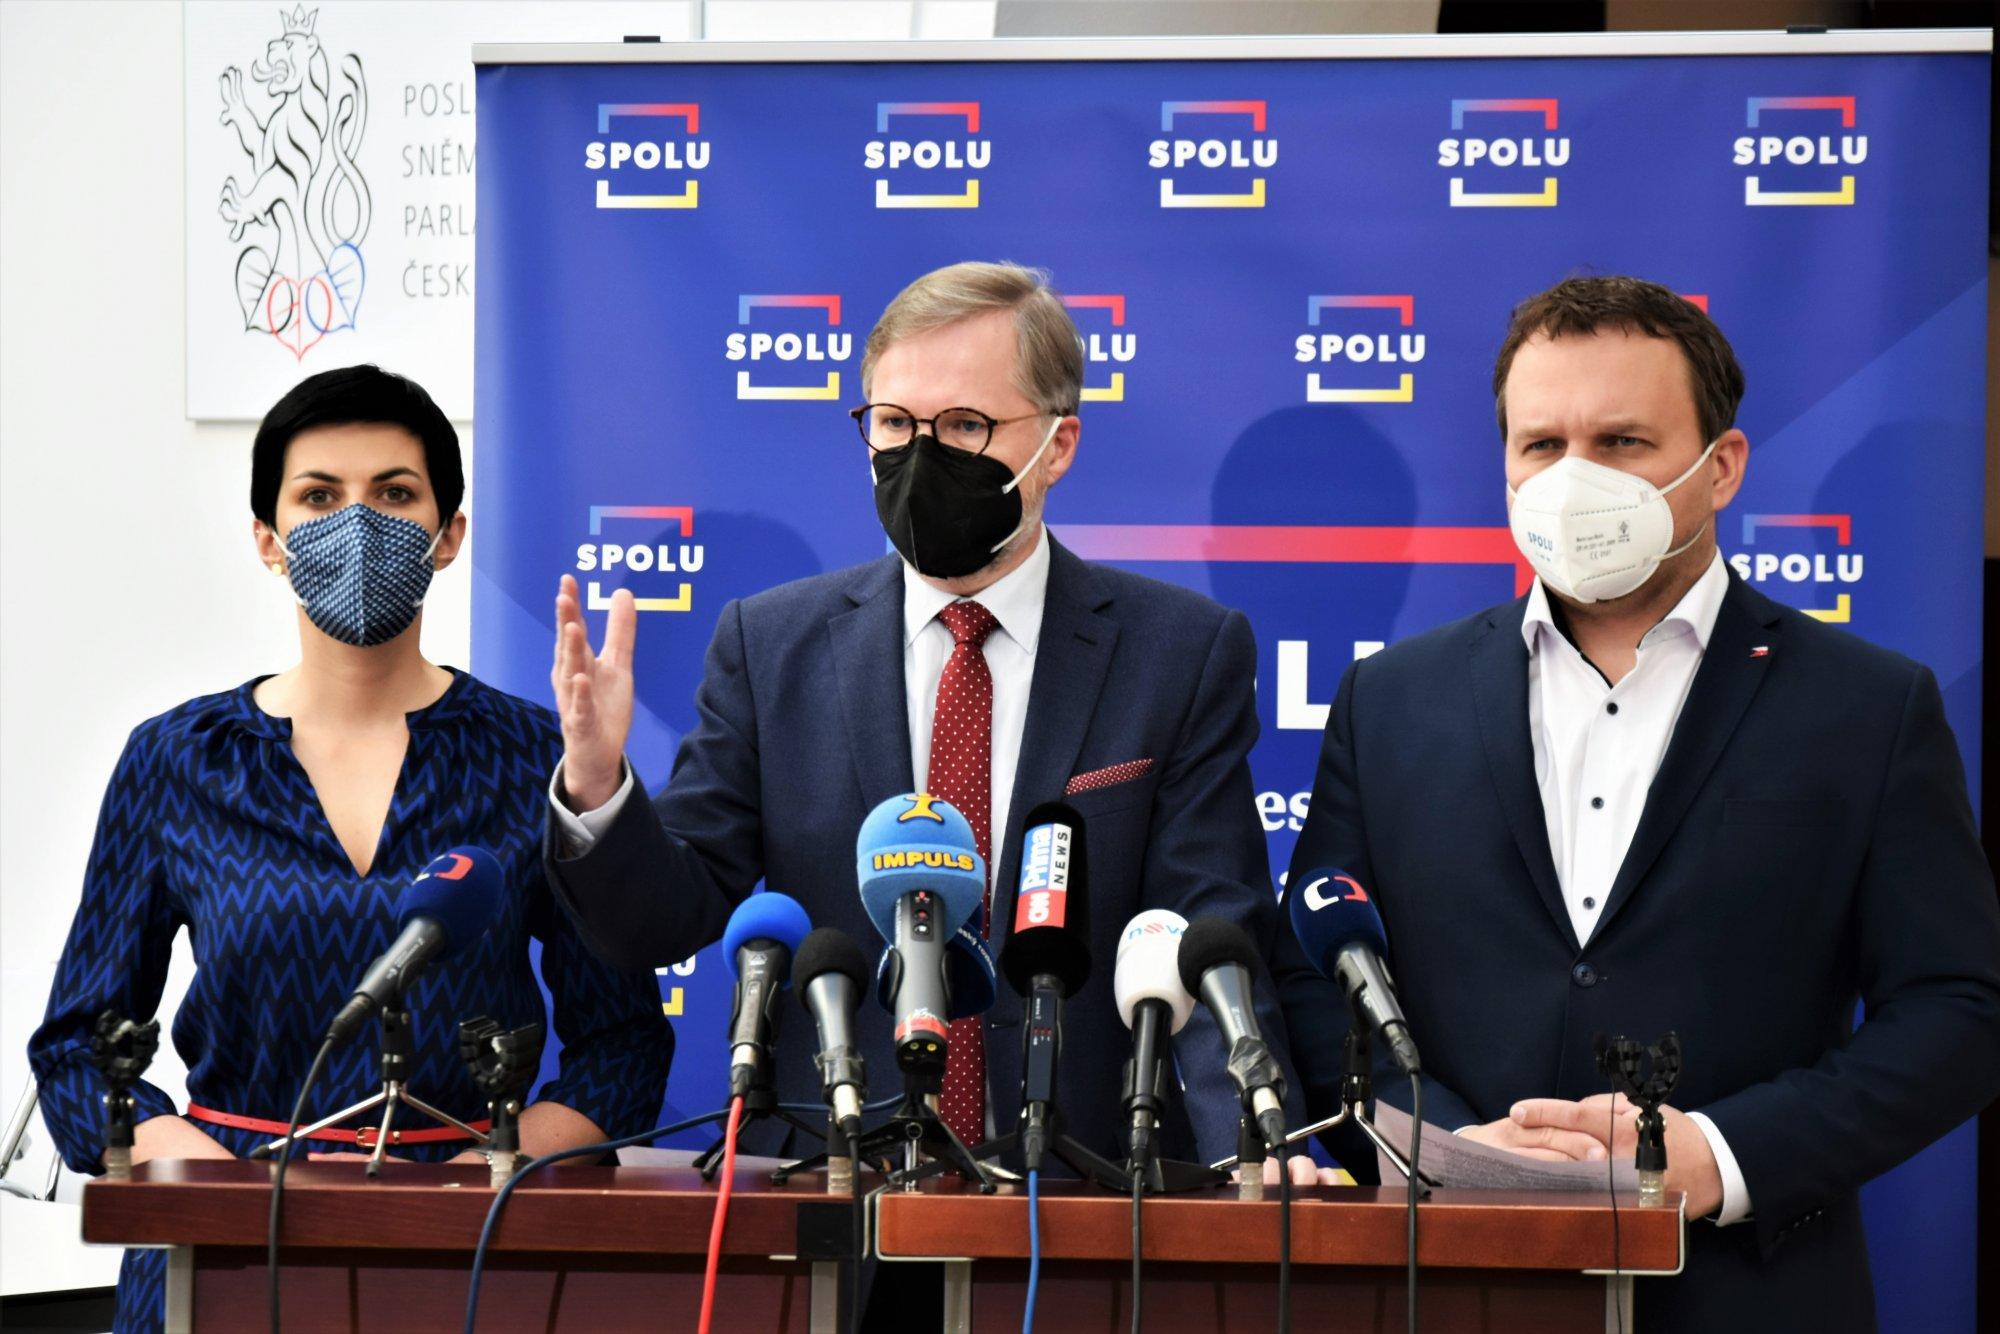 SPOLU: Chceme svolat schůzi k nedůvěře vládě